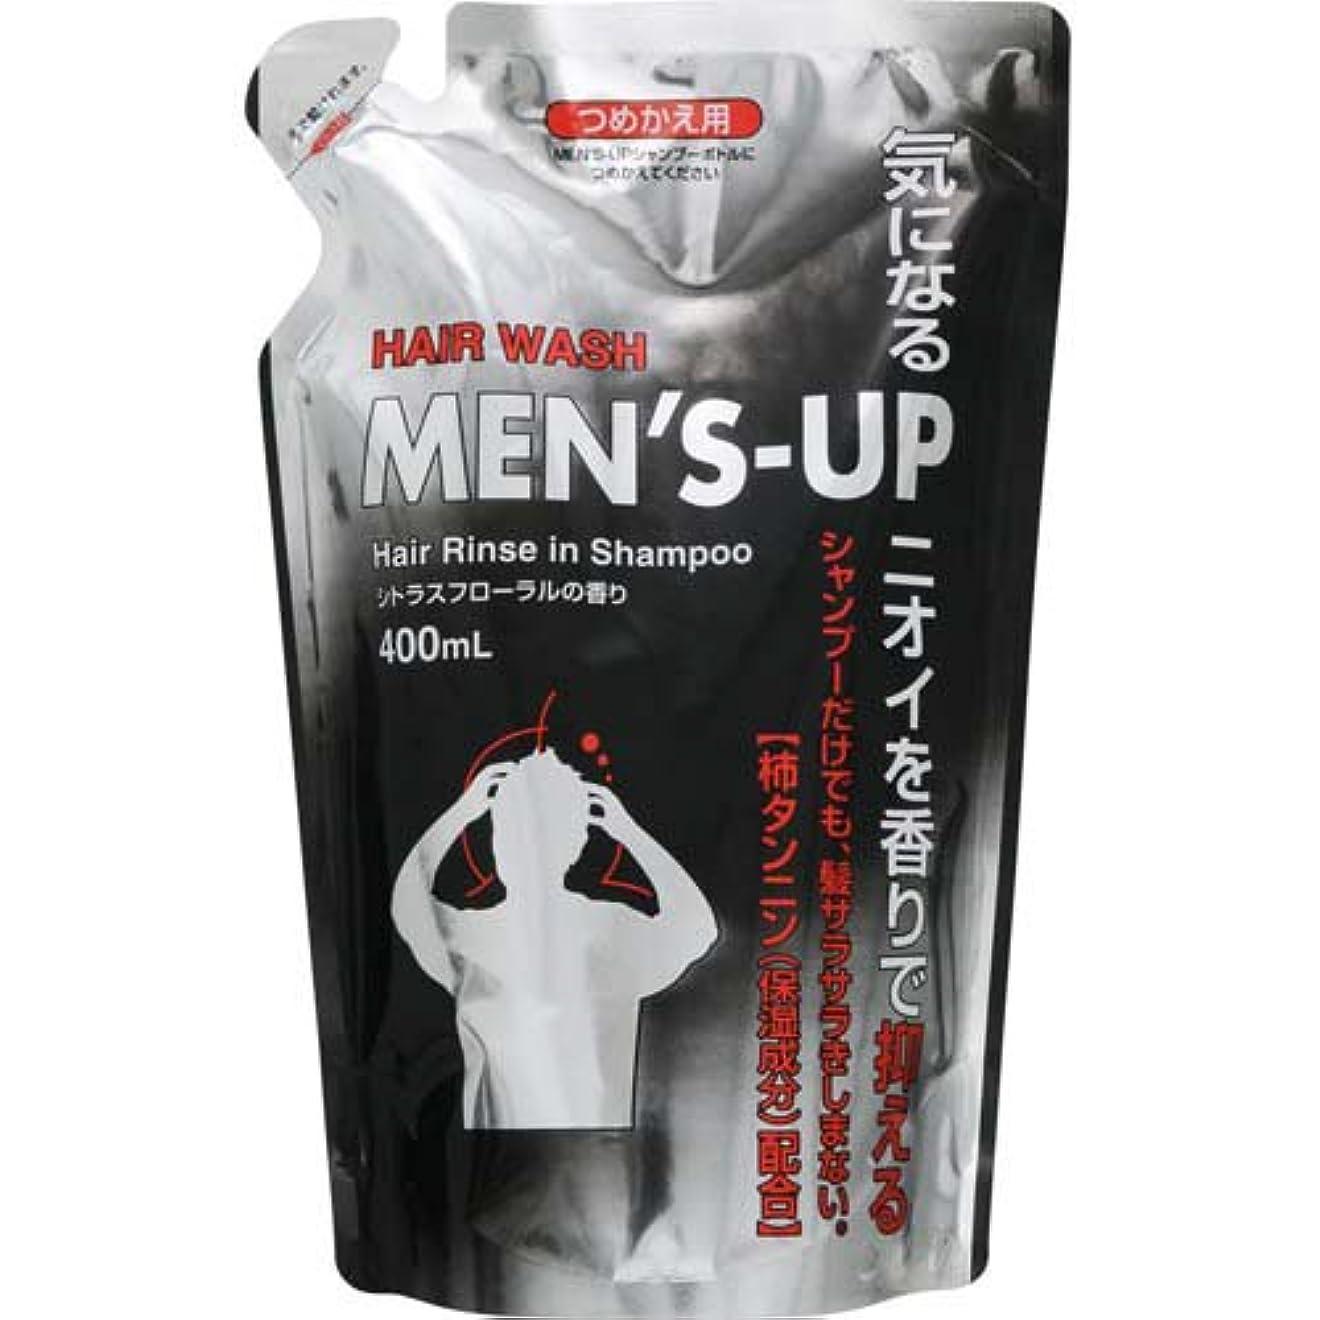 論理的煩わしい寸法MEN'S-UP リンスINシャンプー 詰替 400ml